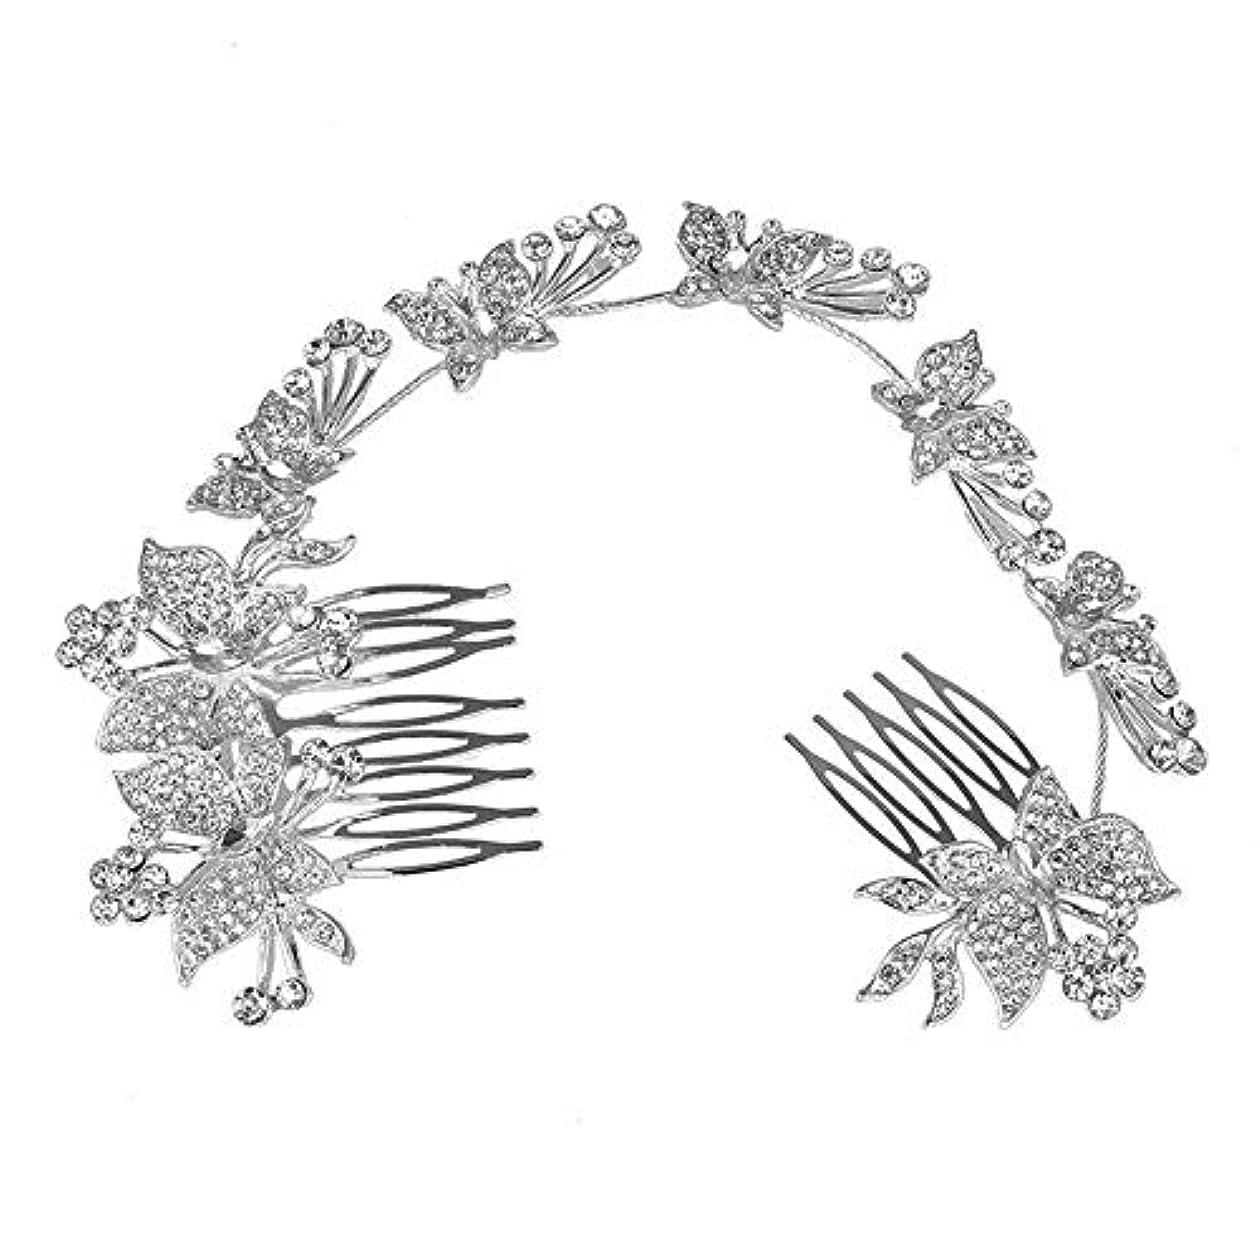 うつウィスキー外向き髪の櫛、櫛、蝶、髪の櫛、ブライダル髪の櫛、結婚式の髪の櫛、ラインストーンの櫛、ヘッドギア